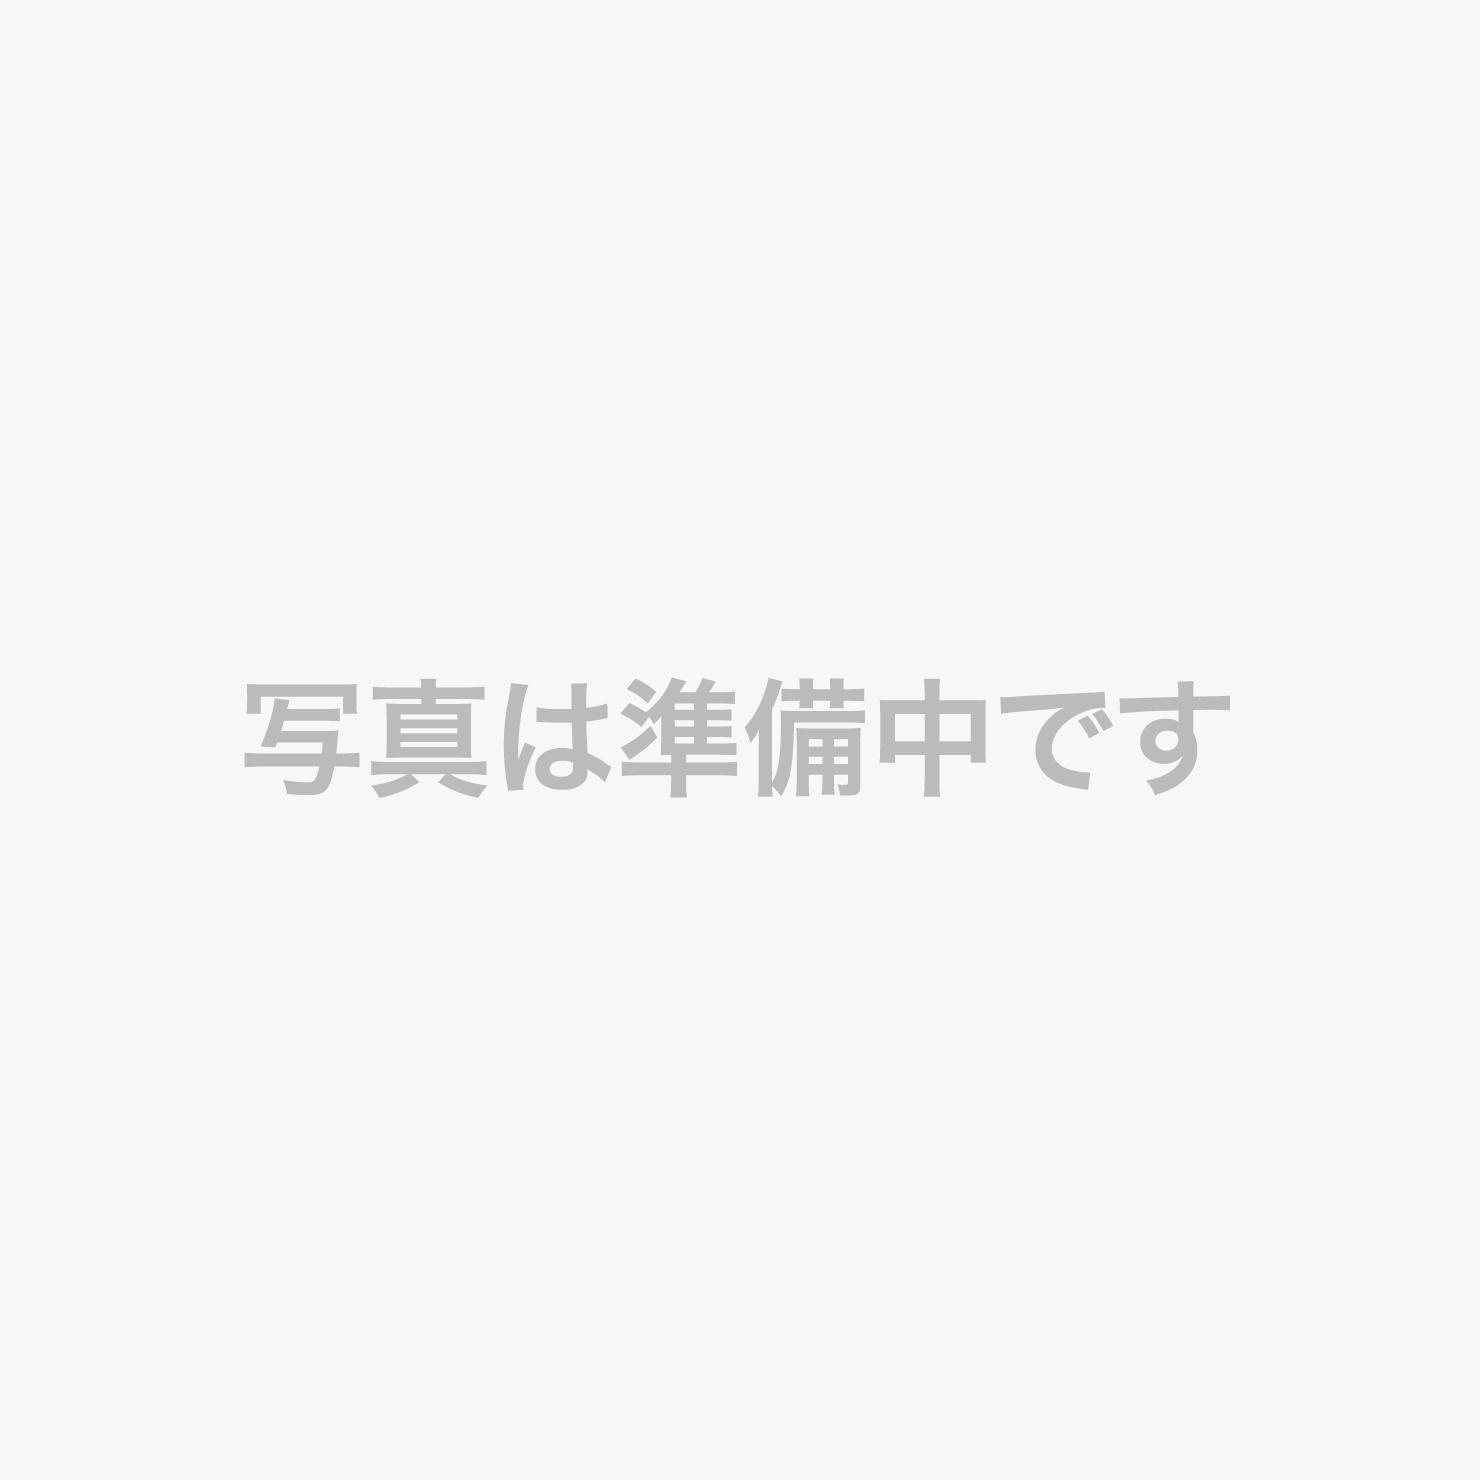 上質本ずわい蟹食べ放題バイキングがお一人様毎に最大5500円割引!!